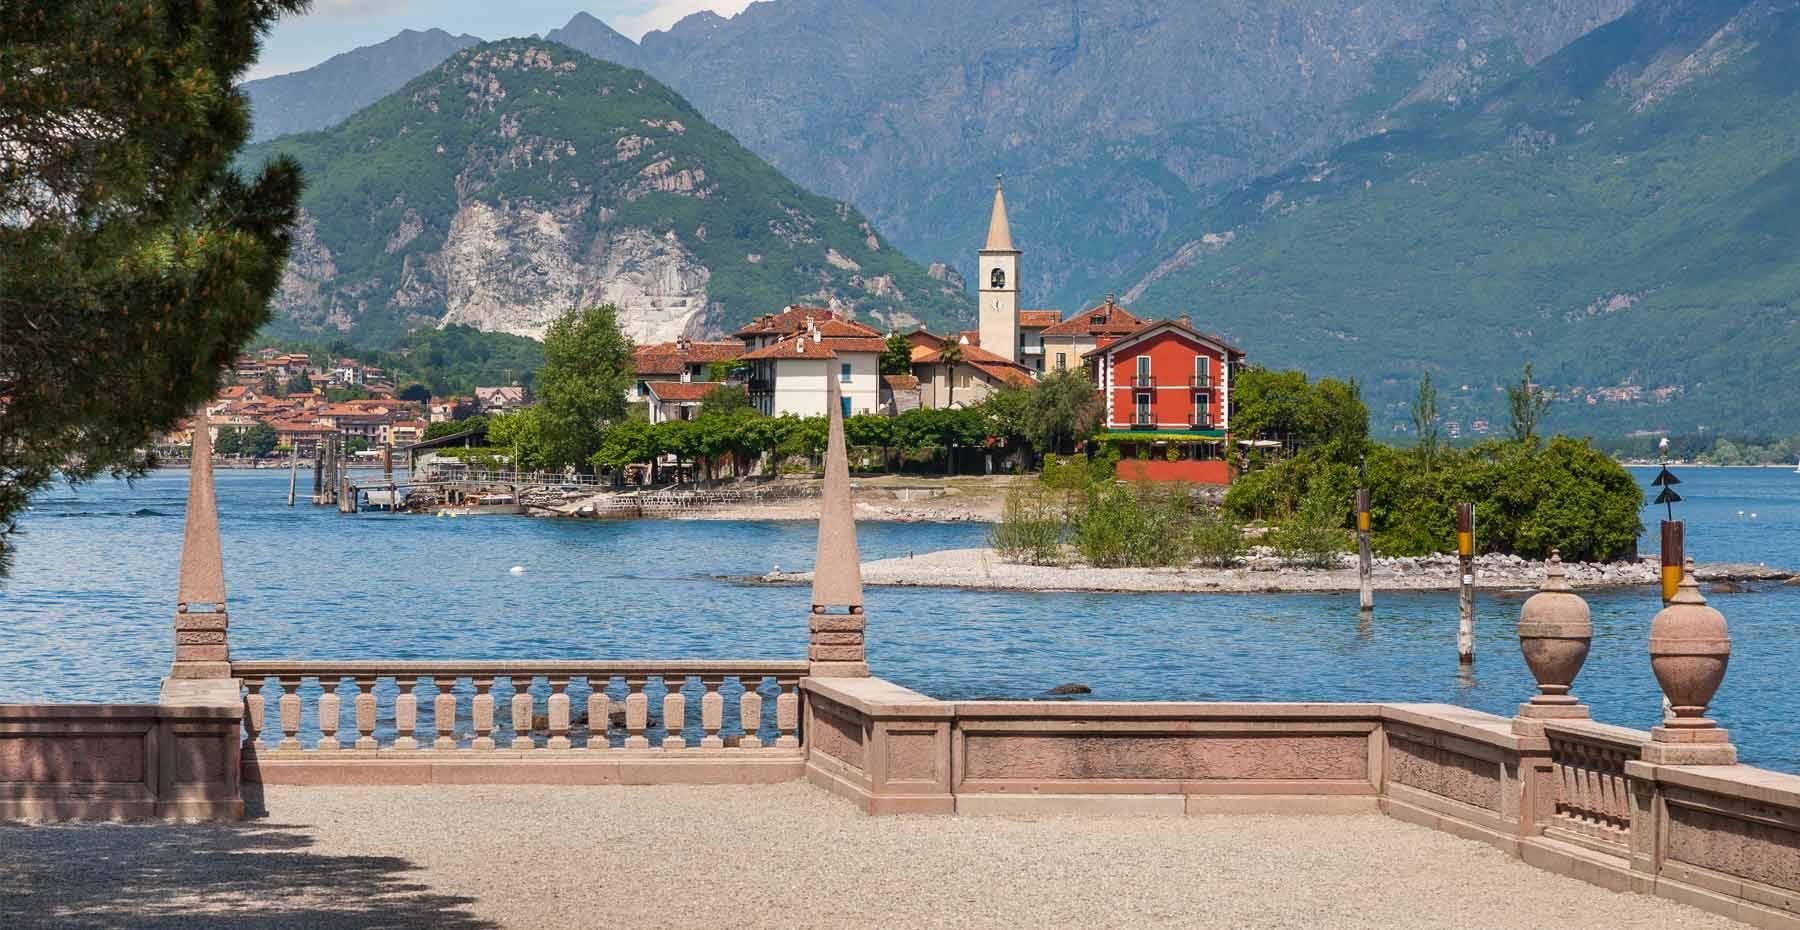 Promo 80 off camin hotel luino luino italy 4 cheap for Designhotel lago maggiore